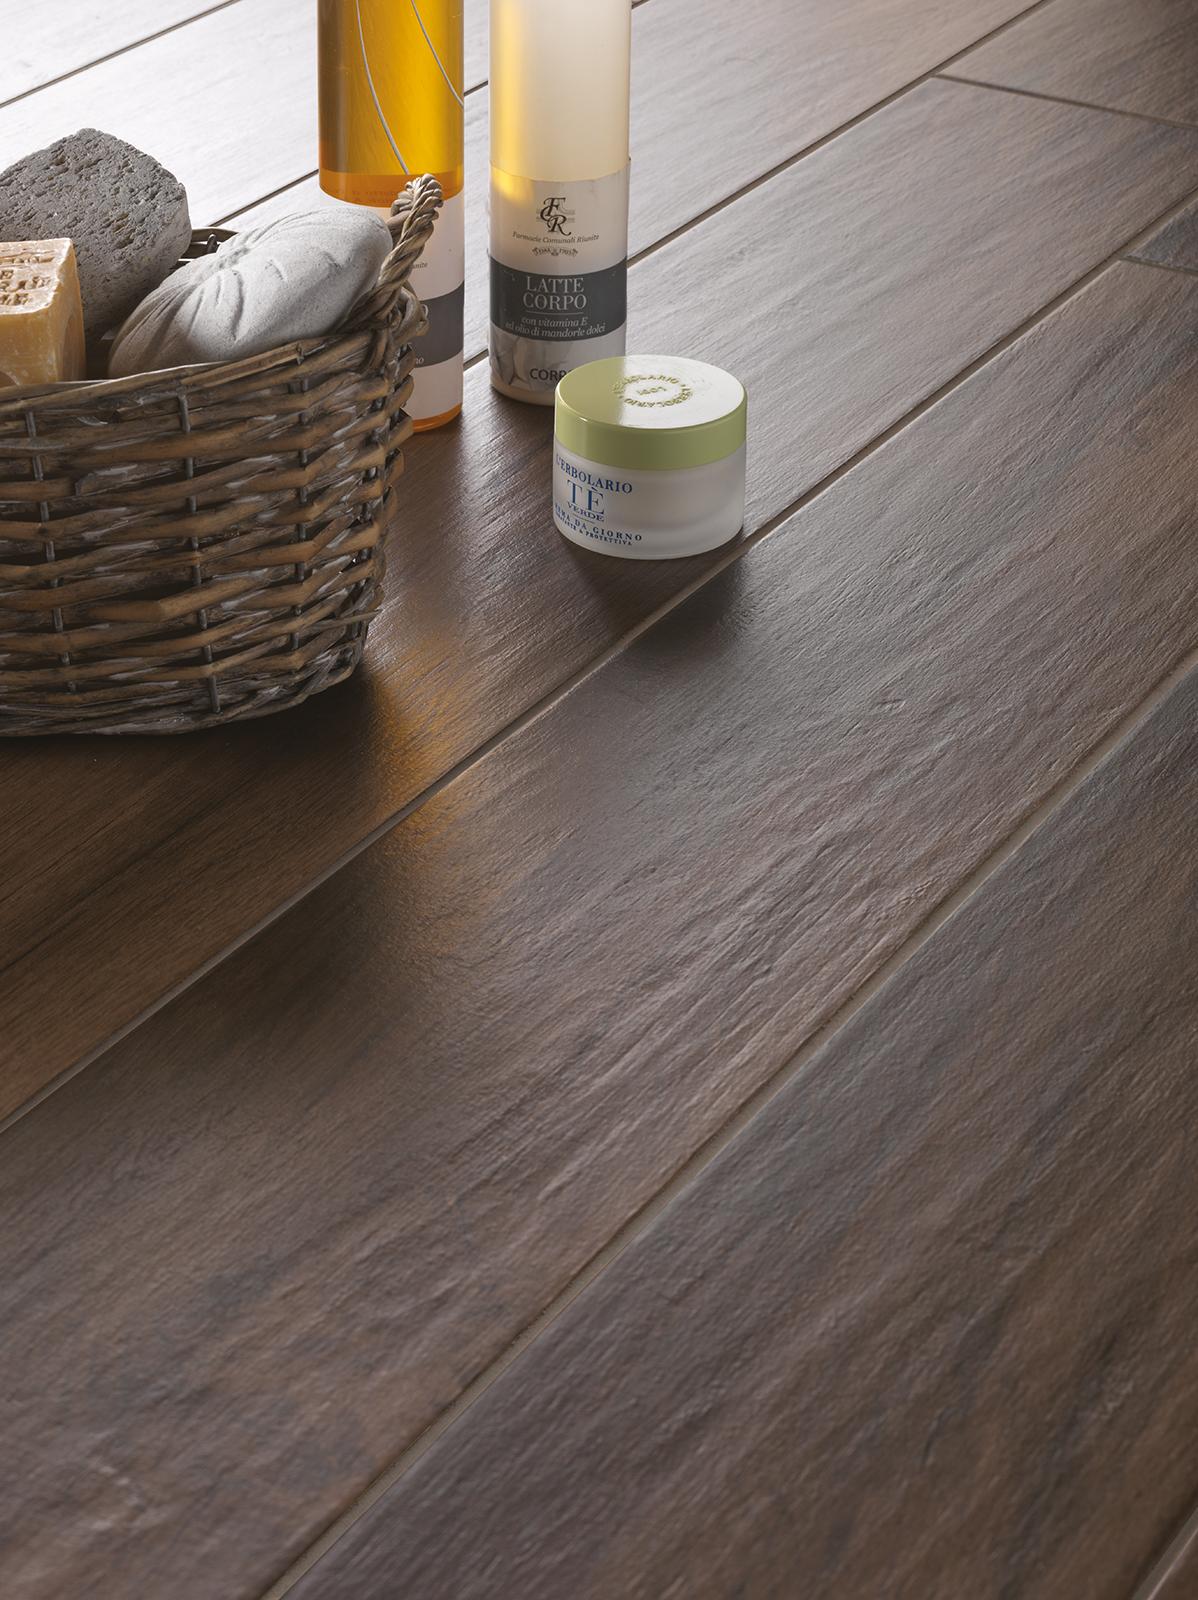 Dipingere Pavimento In Gres rivestimento bagno effetto legno boulevard. rivestimento per